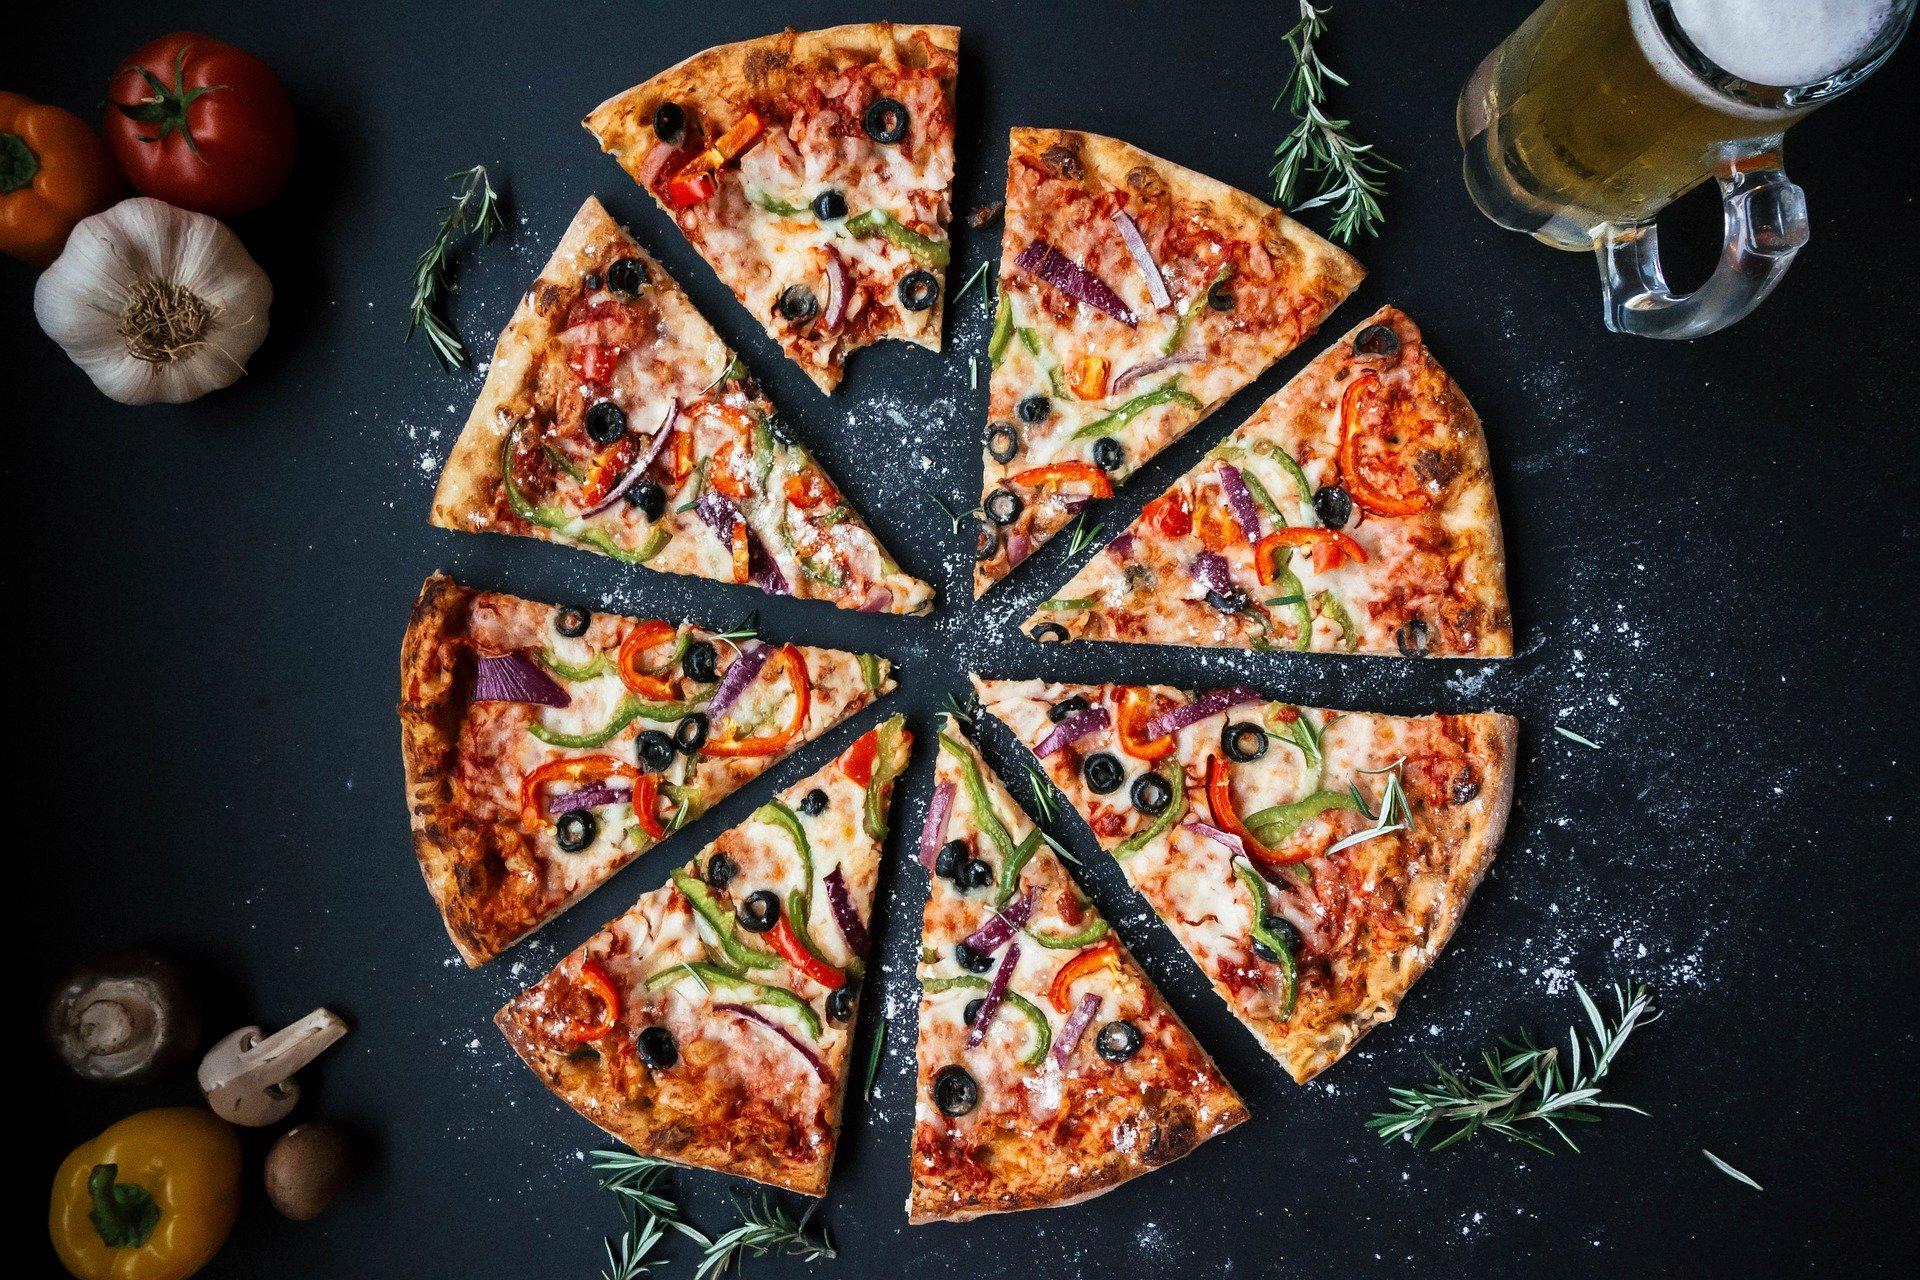 ブエノスアイレス観光 超老舗のピザ屋「ゲリン」